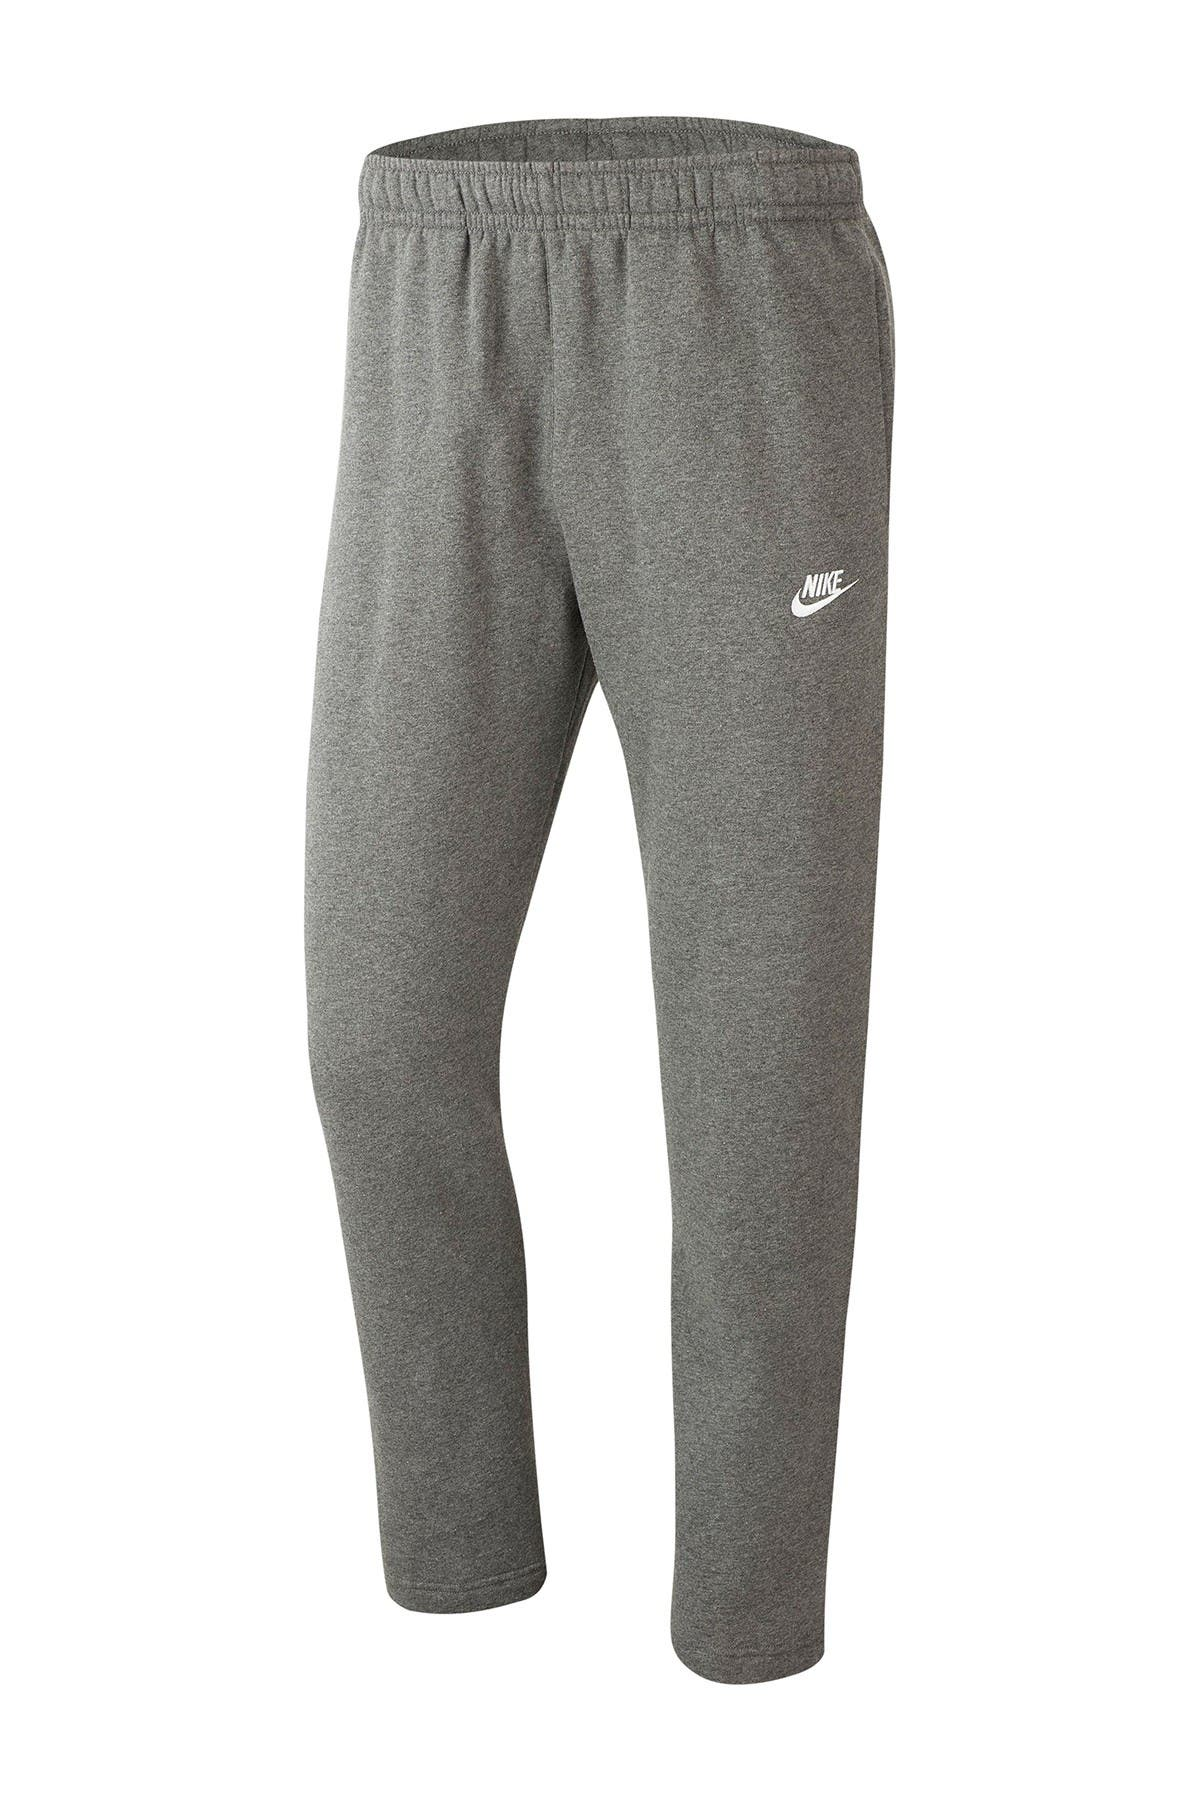 Image of Nike Sportswear Club Fleece Sweatpants